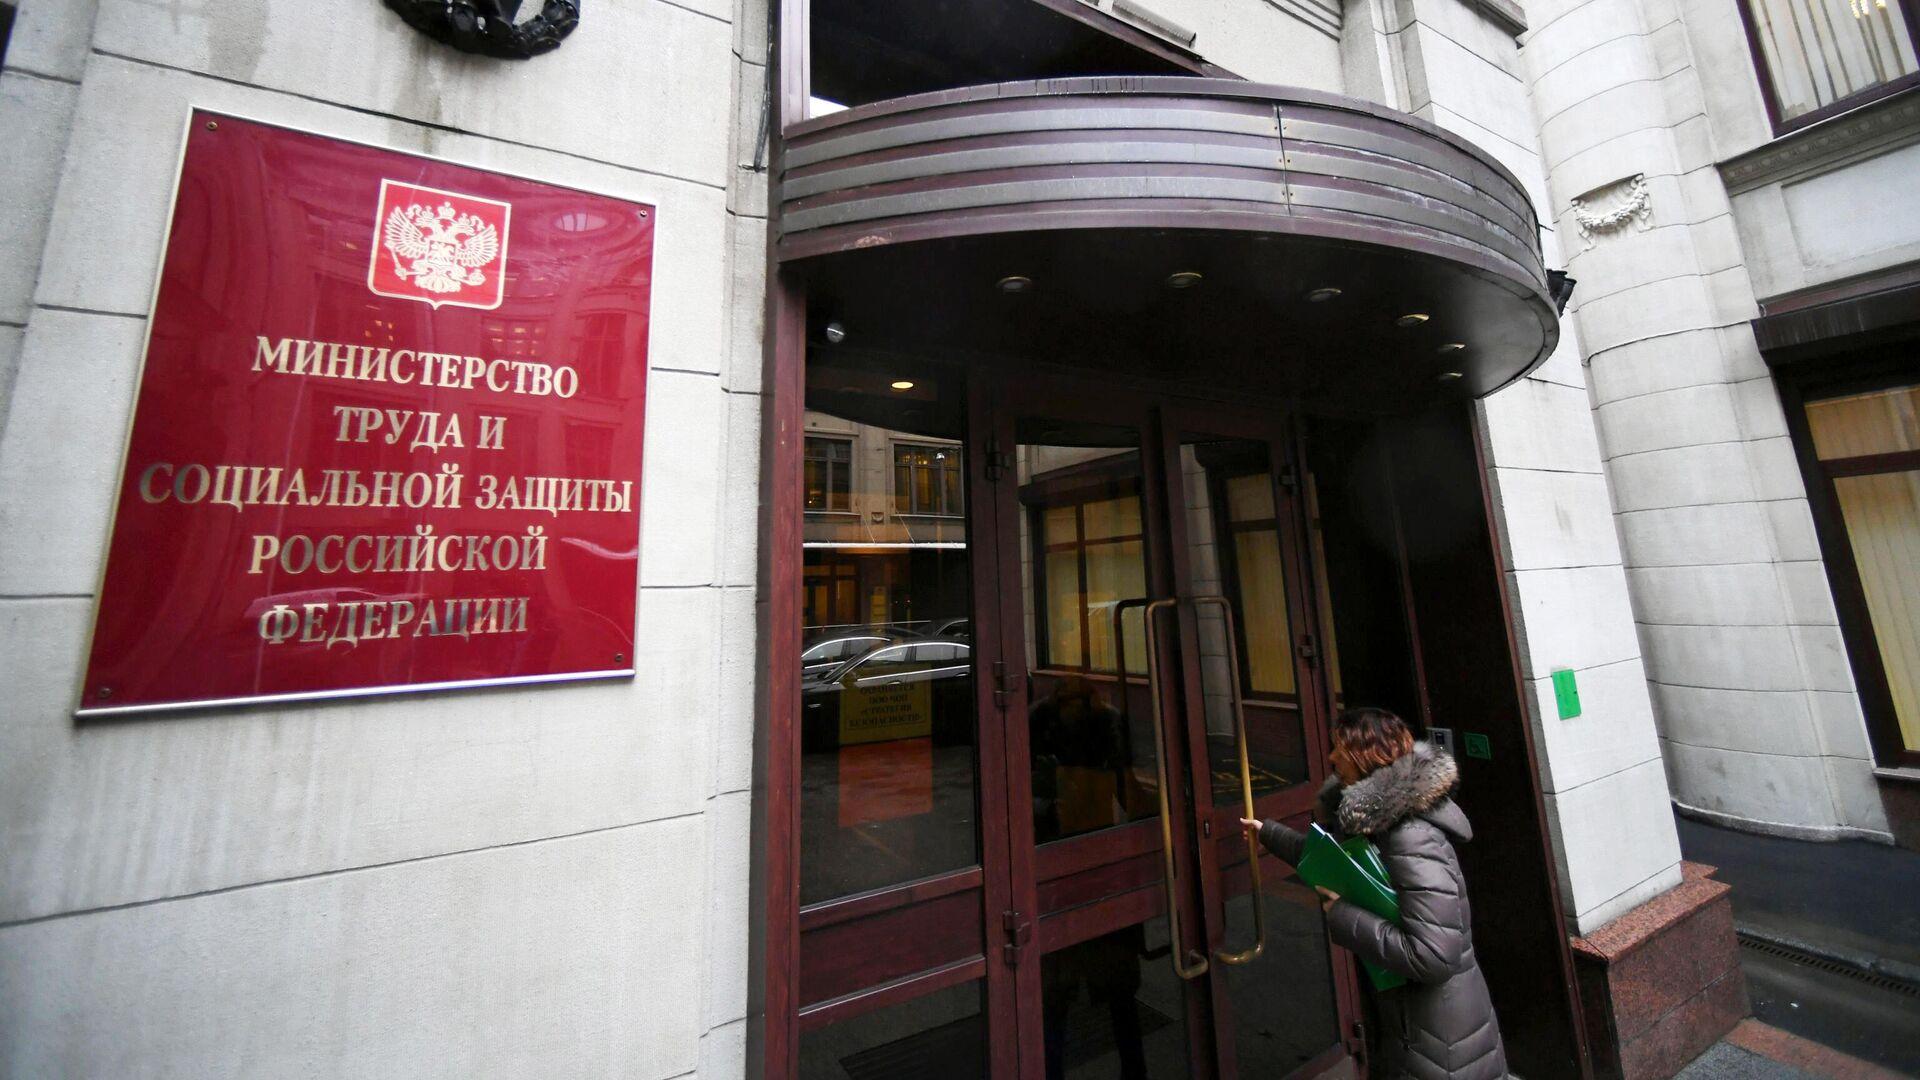 Здание Министерства труда и социальной защиты Российской Федерации - РИА Новости, 1920, 22.09.2021